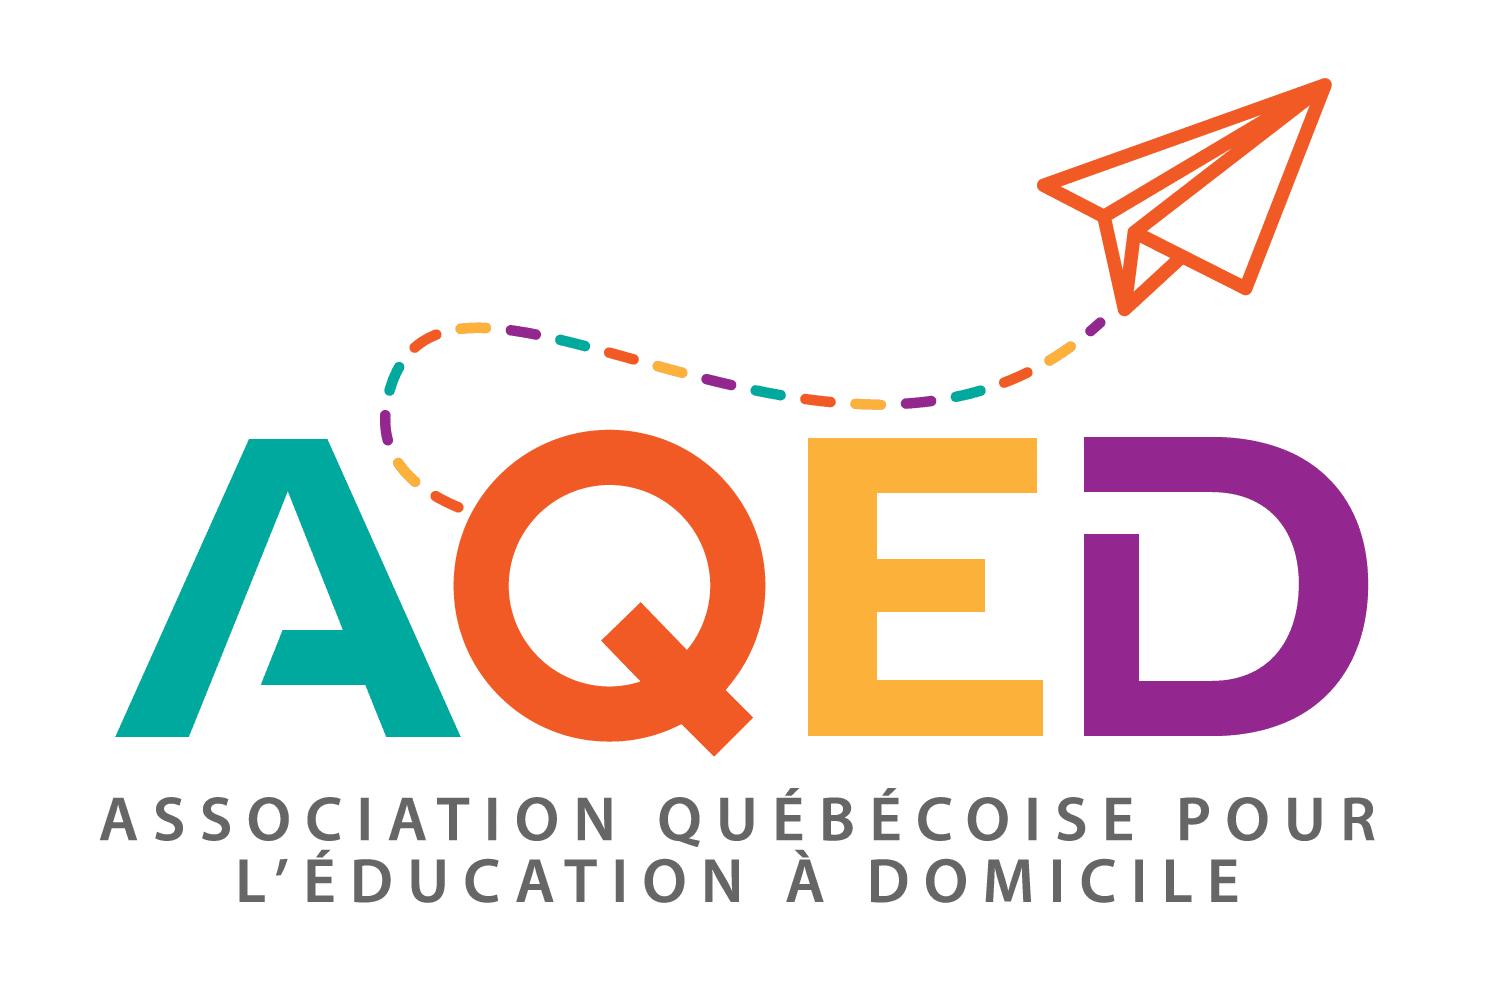 L'Association québécoise pour l'éducation à domicile- Quebec Association for Home-Based Education (AQED)-SOSprof